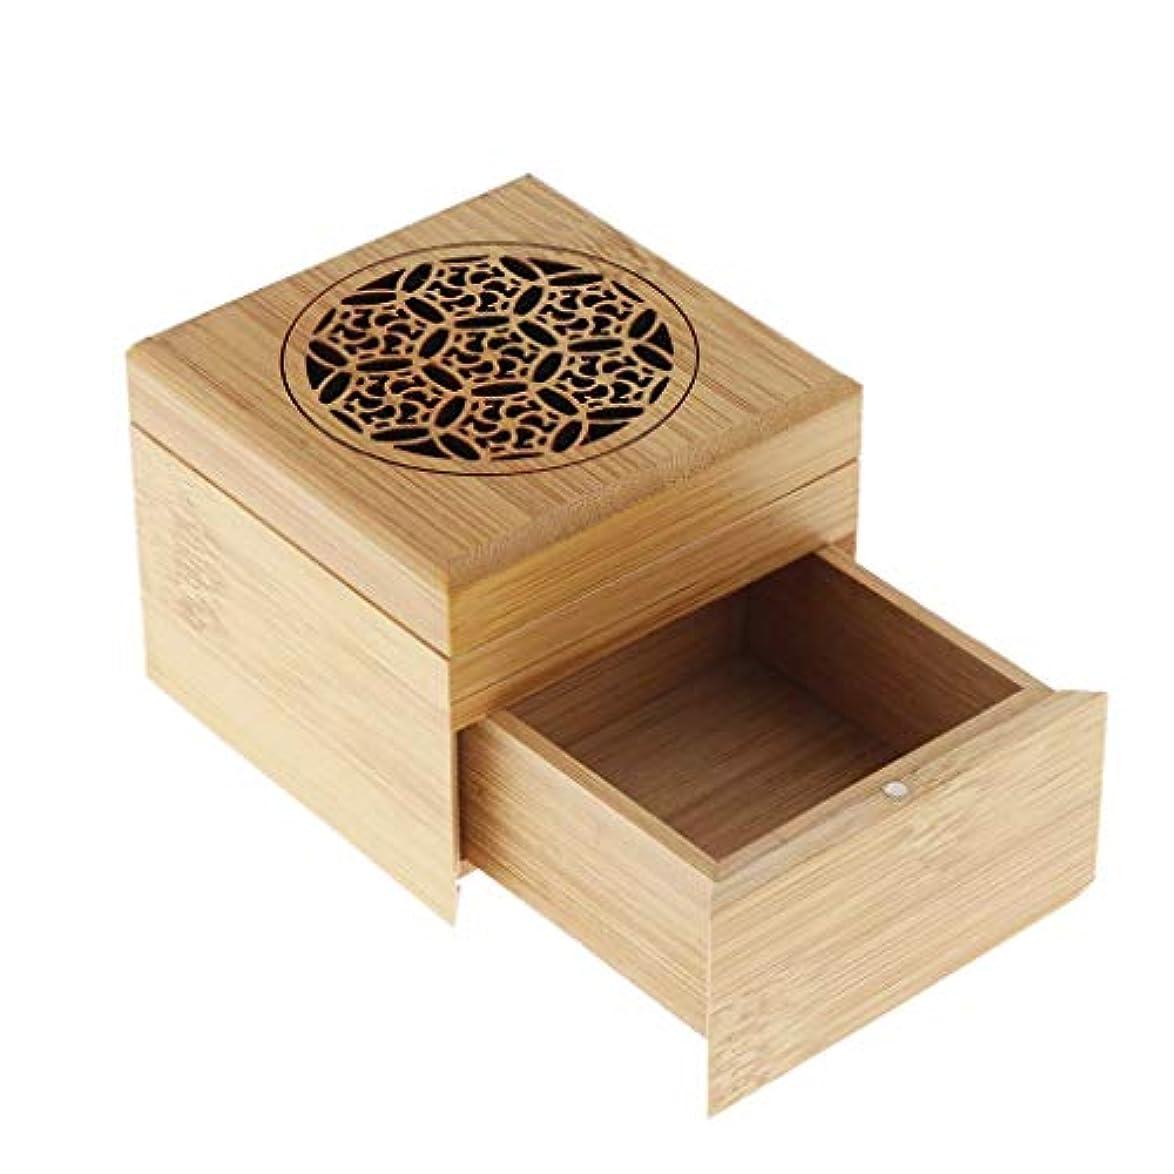 ホームアロマバーナー 竹香スティックホルダーコイル香バーナー収納ボックスアロマセラピーストーブ 芳香器アロマバーナー (Color : A)